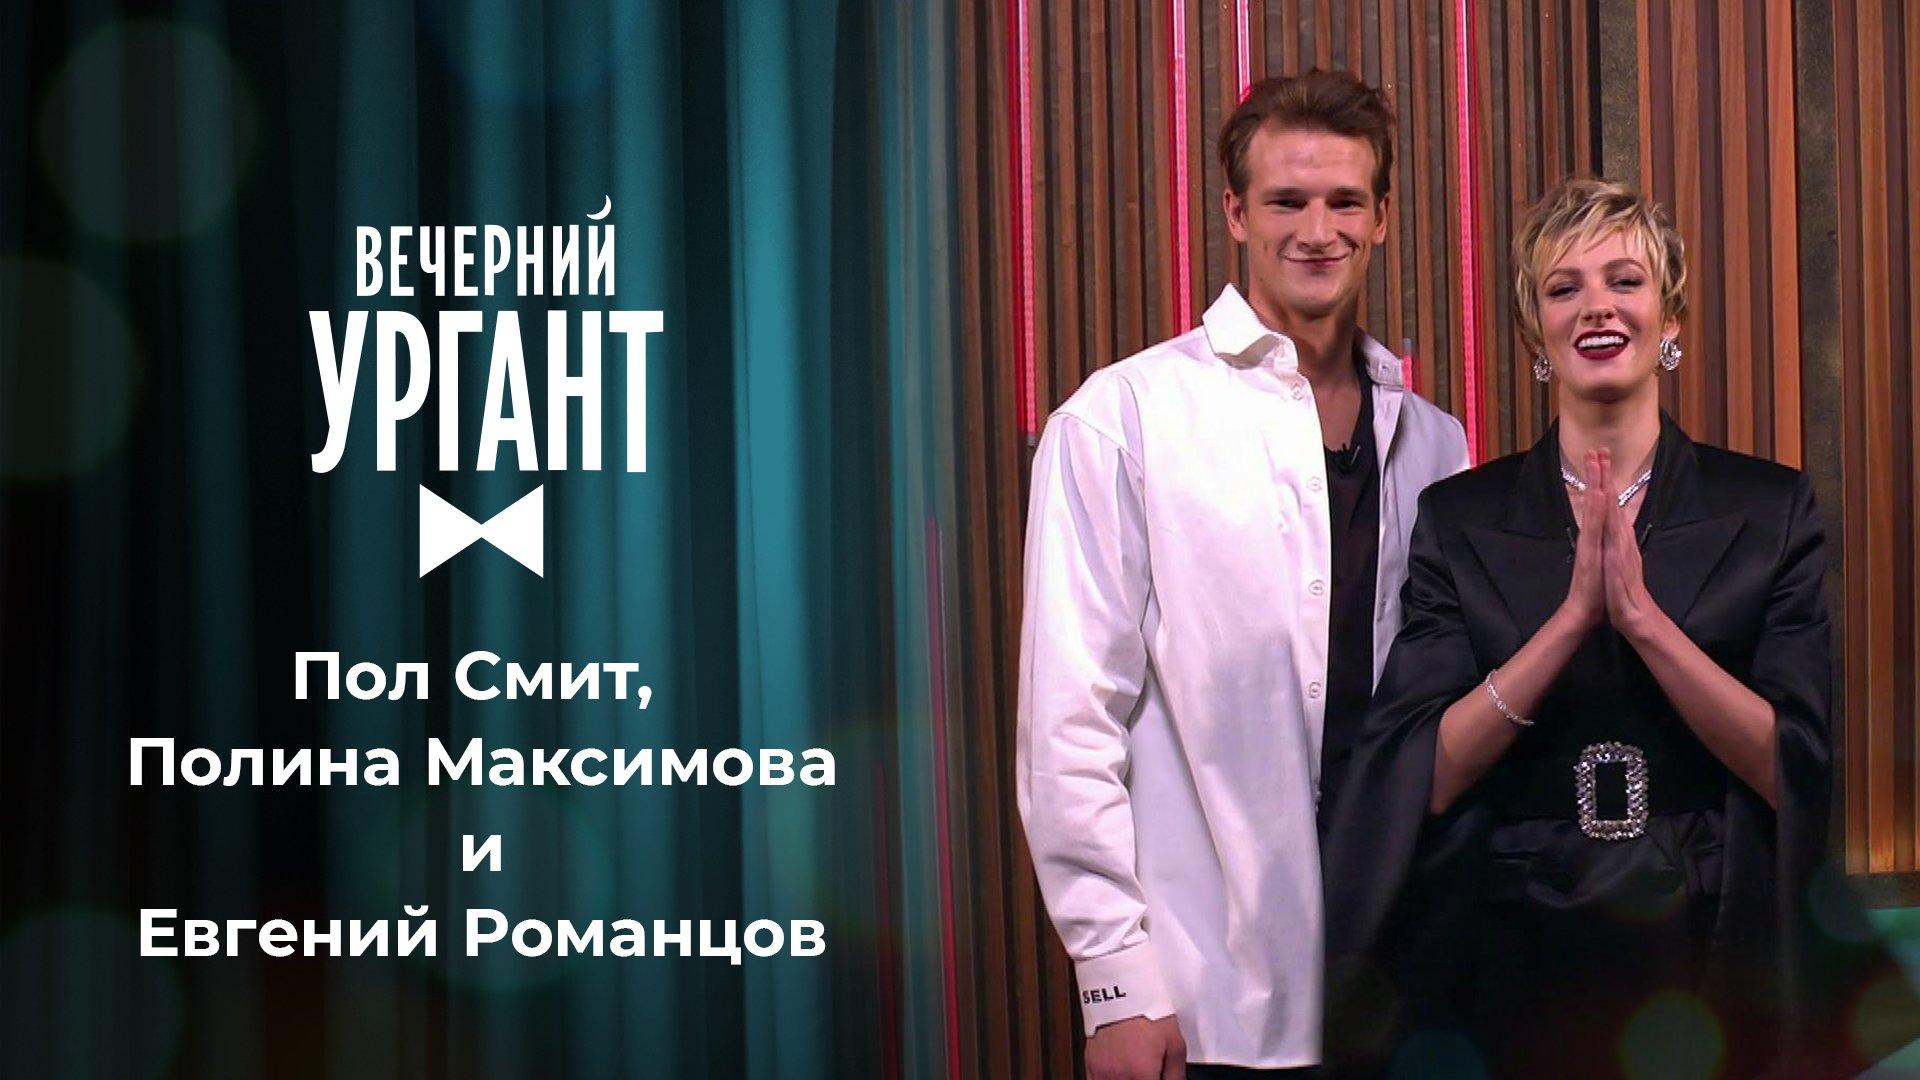 «Вечерний Ургант». Пол Смит, Полина Максимова иЕвгений Романцов